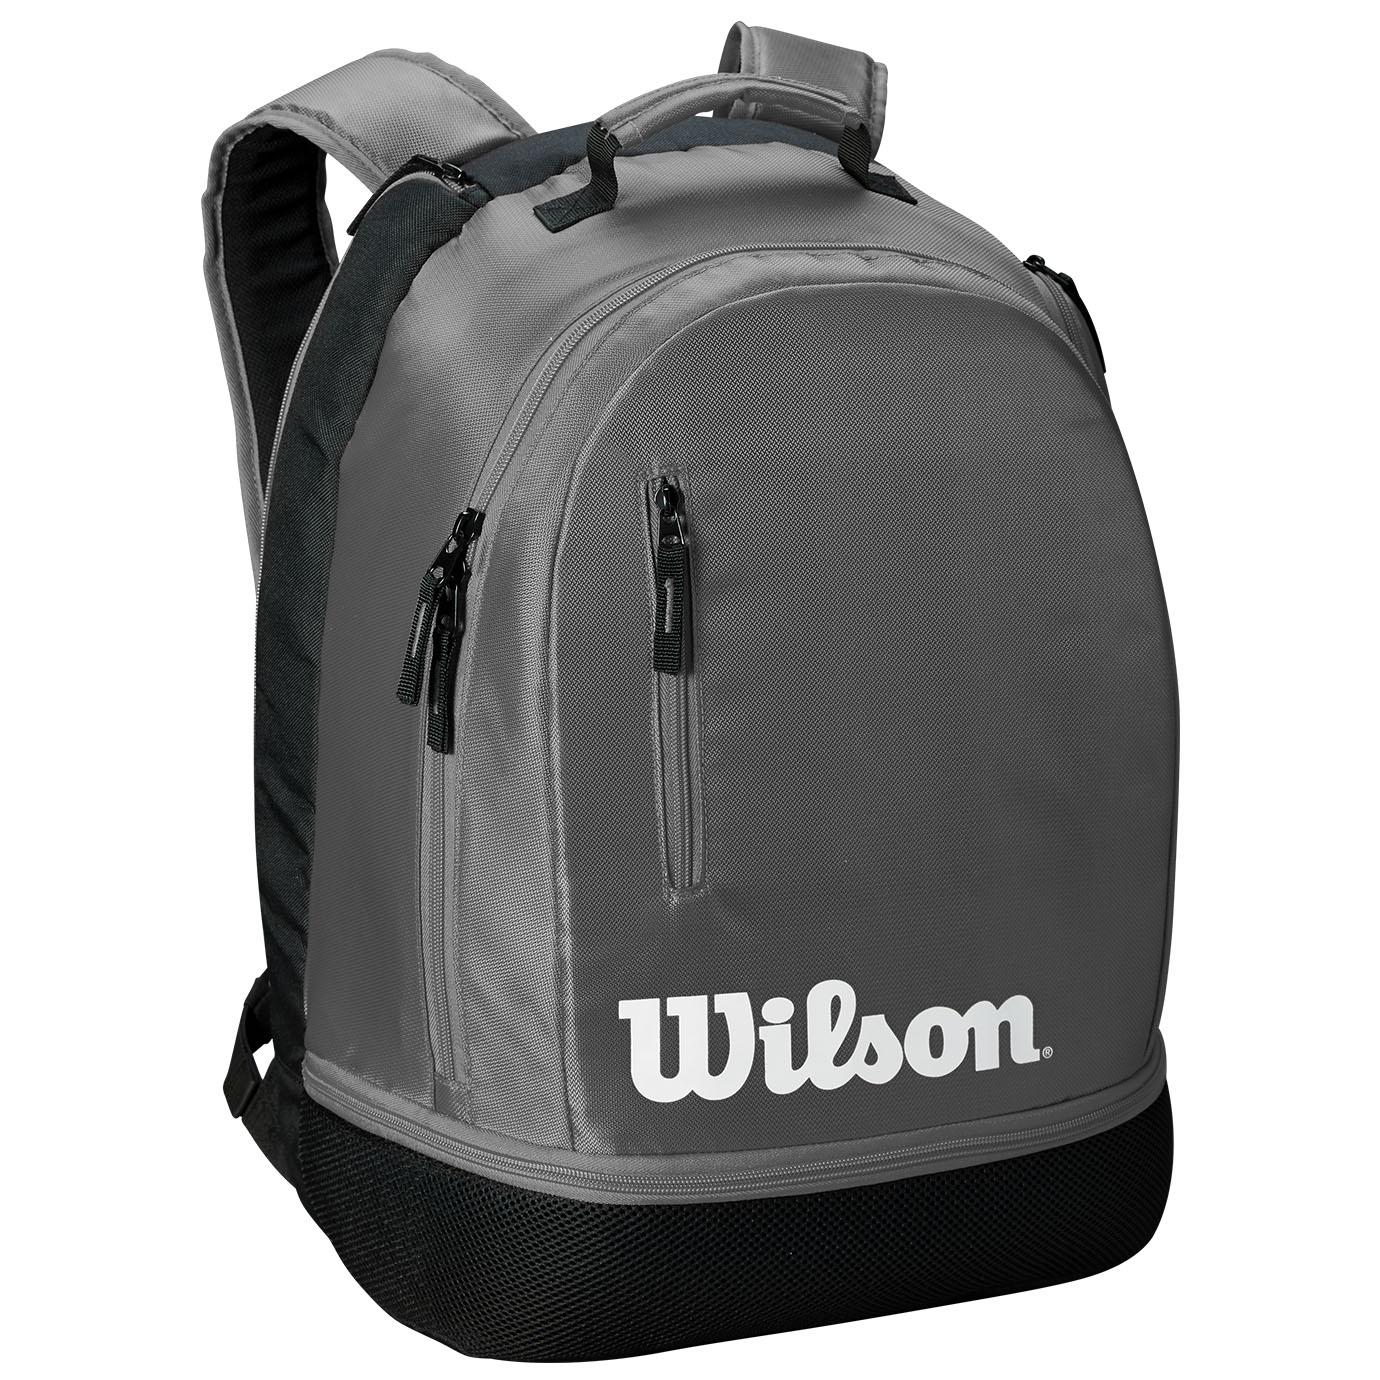 Wilson Team Backpack - Grey/Black